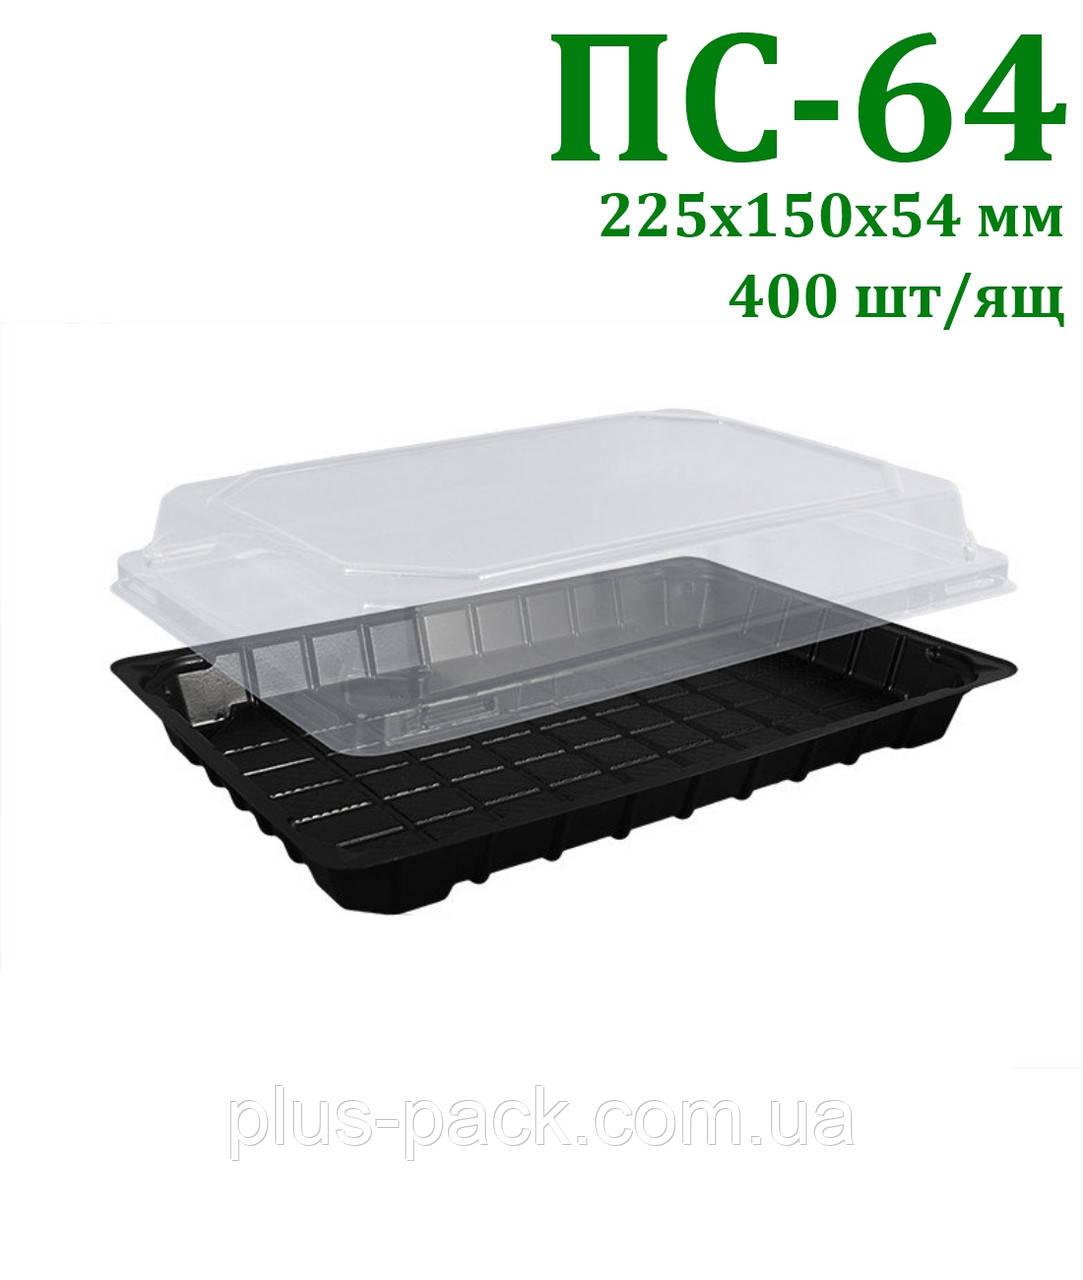 Блистерная одноразовая упаковка для суши и роллов